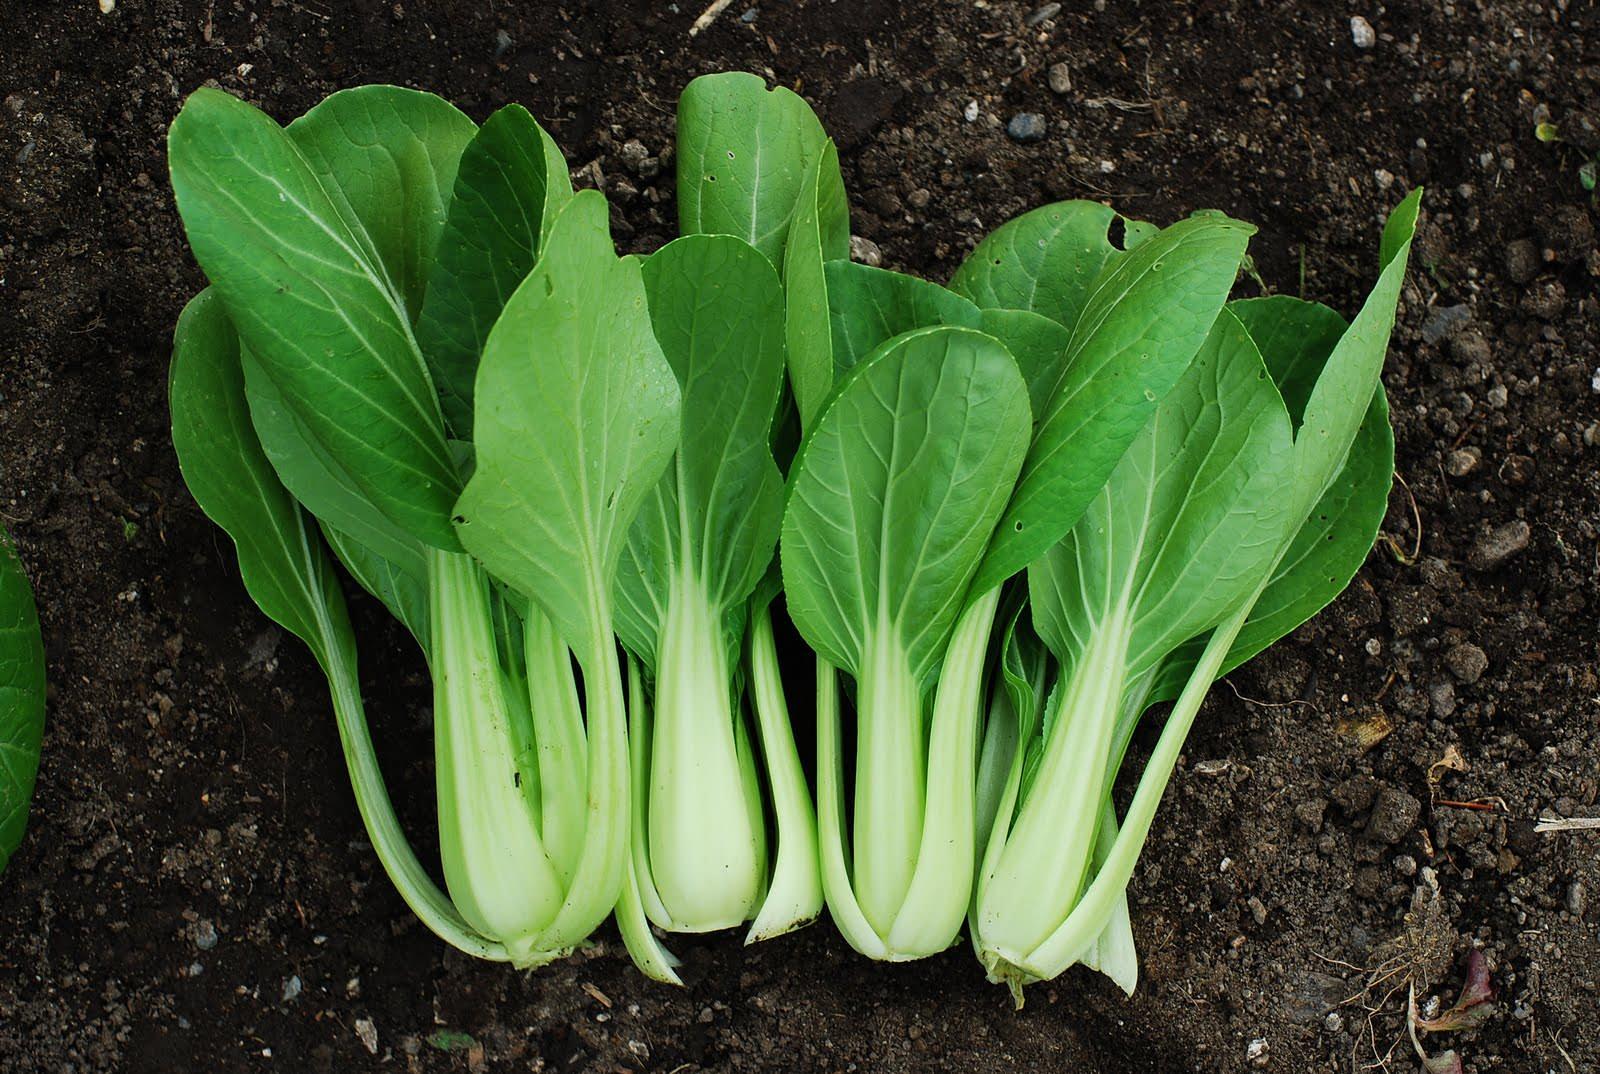 При сборе урожая срезают только листовые розетки на высоте в паре сантиметров от земли